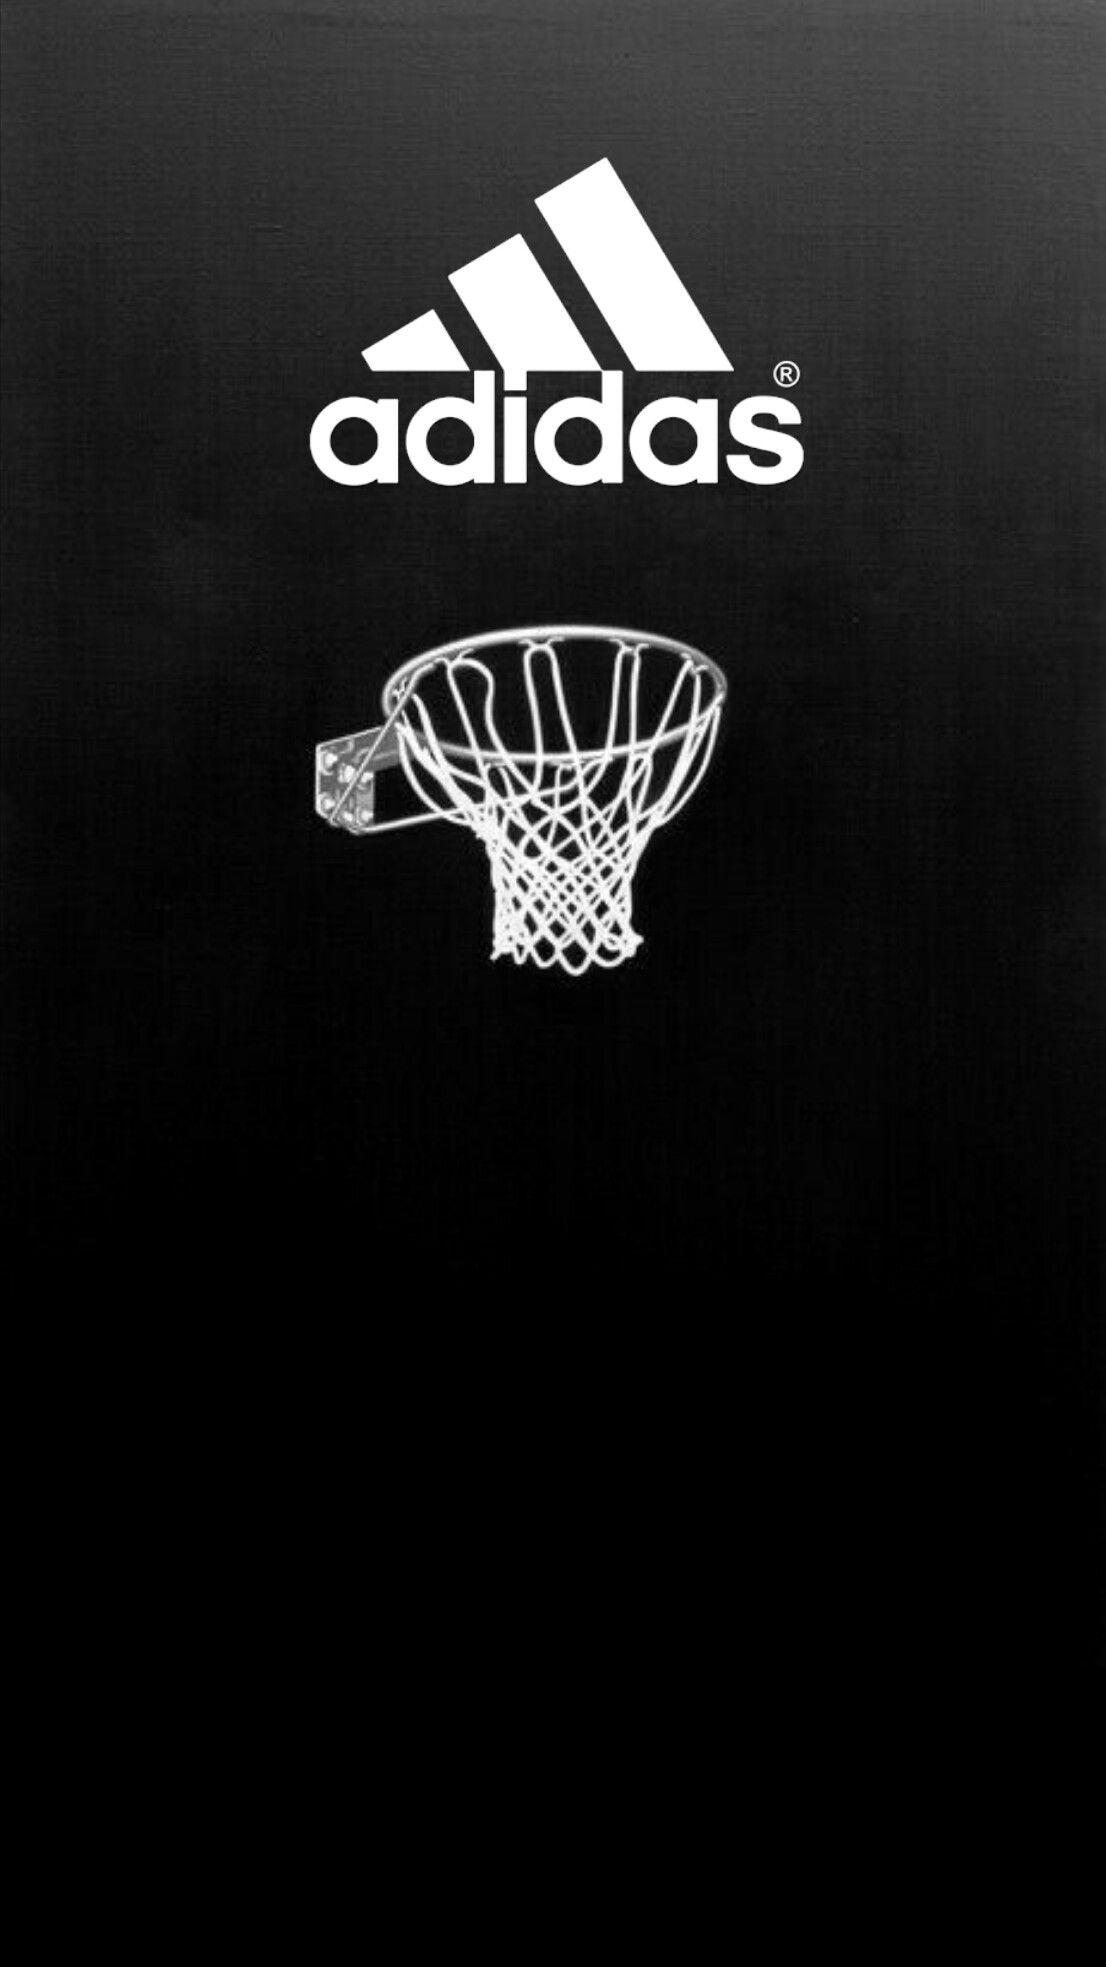 Adidas Basketball Wallpaper Android Iphone Ios Adidas